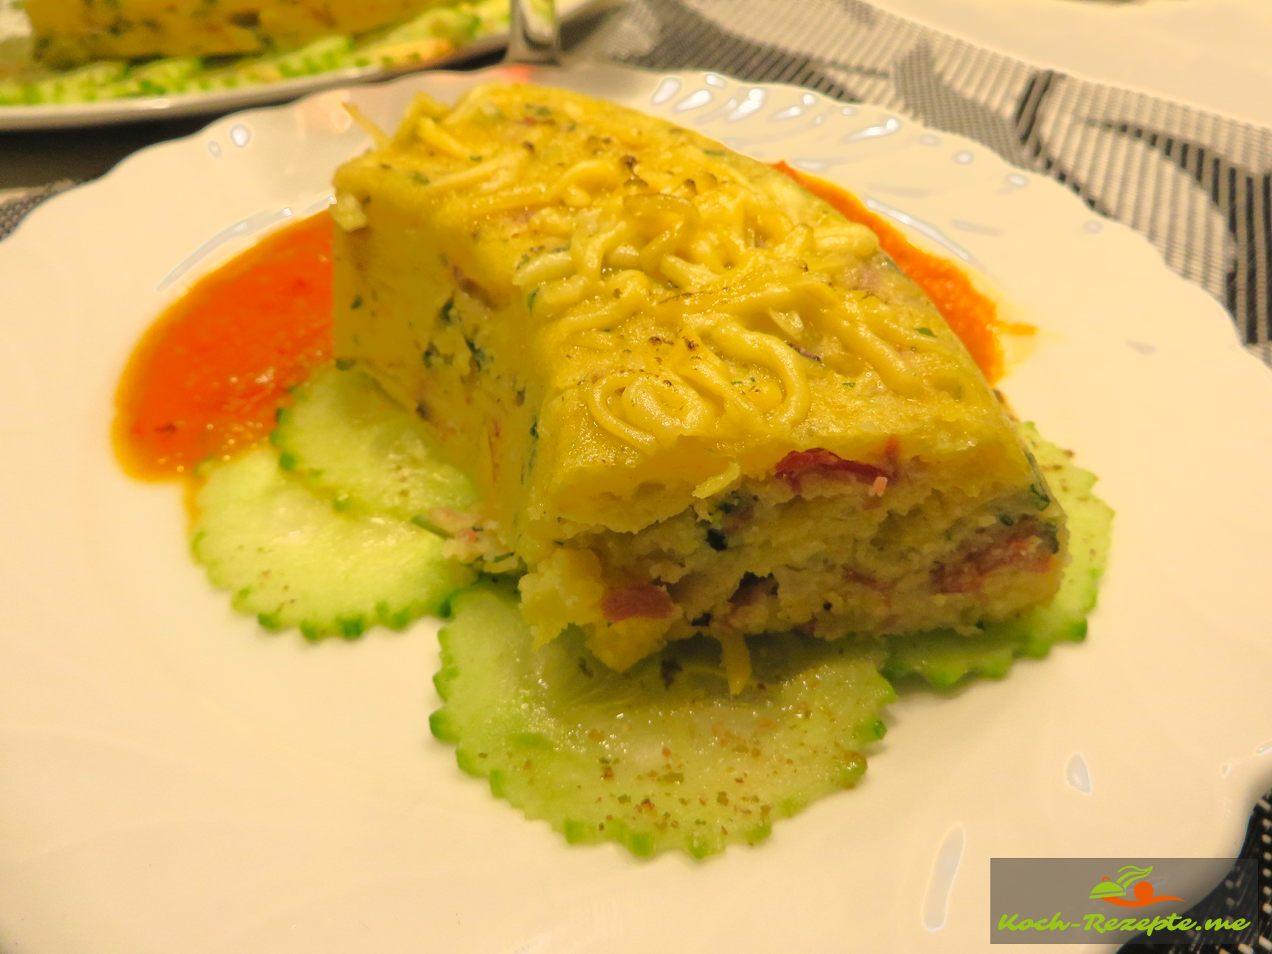 Omnia Kartoffel Kuchen,  auf einem Gurken Carpaccio mit Ajvar Sauce